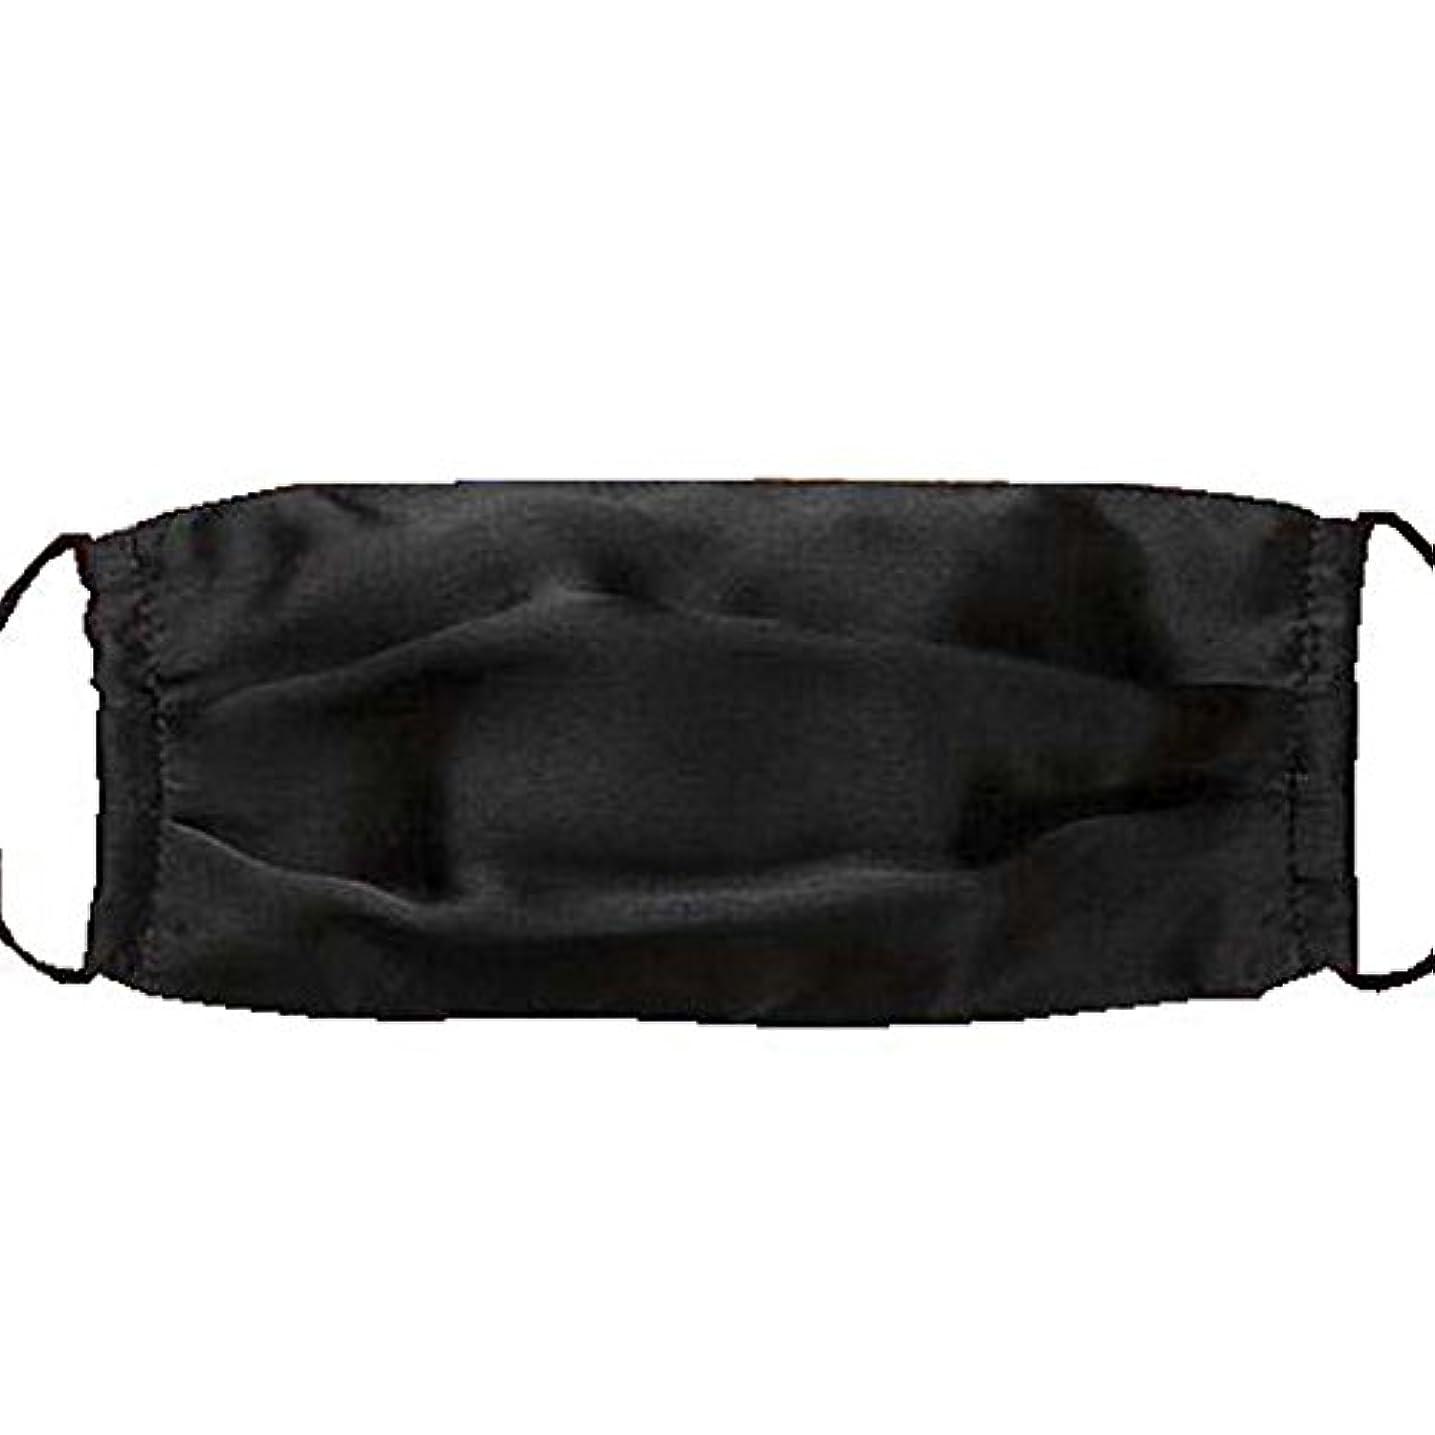 宅配便ヒューズ哀れな再使用可能な洗浄可能な活性炭シルクウォームPM 2.5ダストマスクインフルエンザマスク